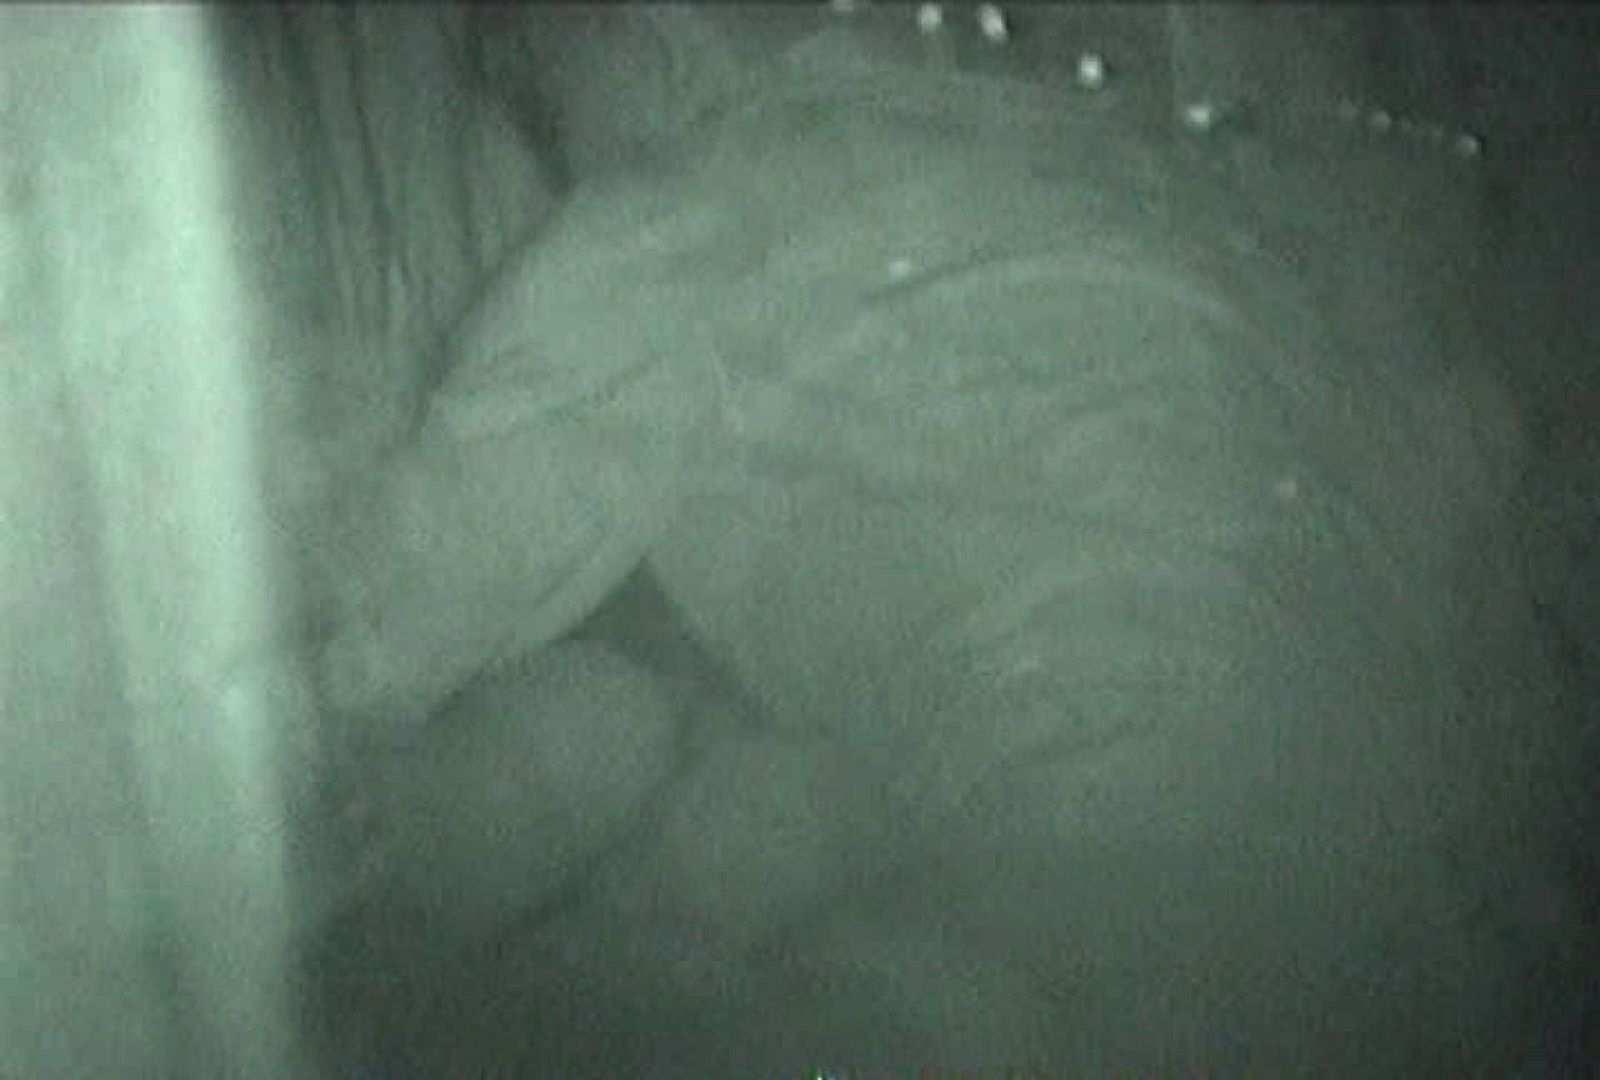 充血監督の深夜の運動会Vol.97 カップル盗撮 性交動画流出 104画像 59